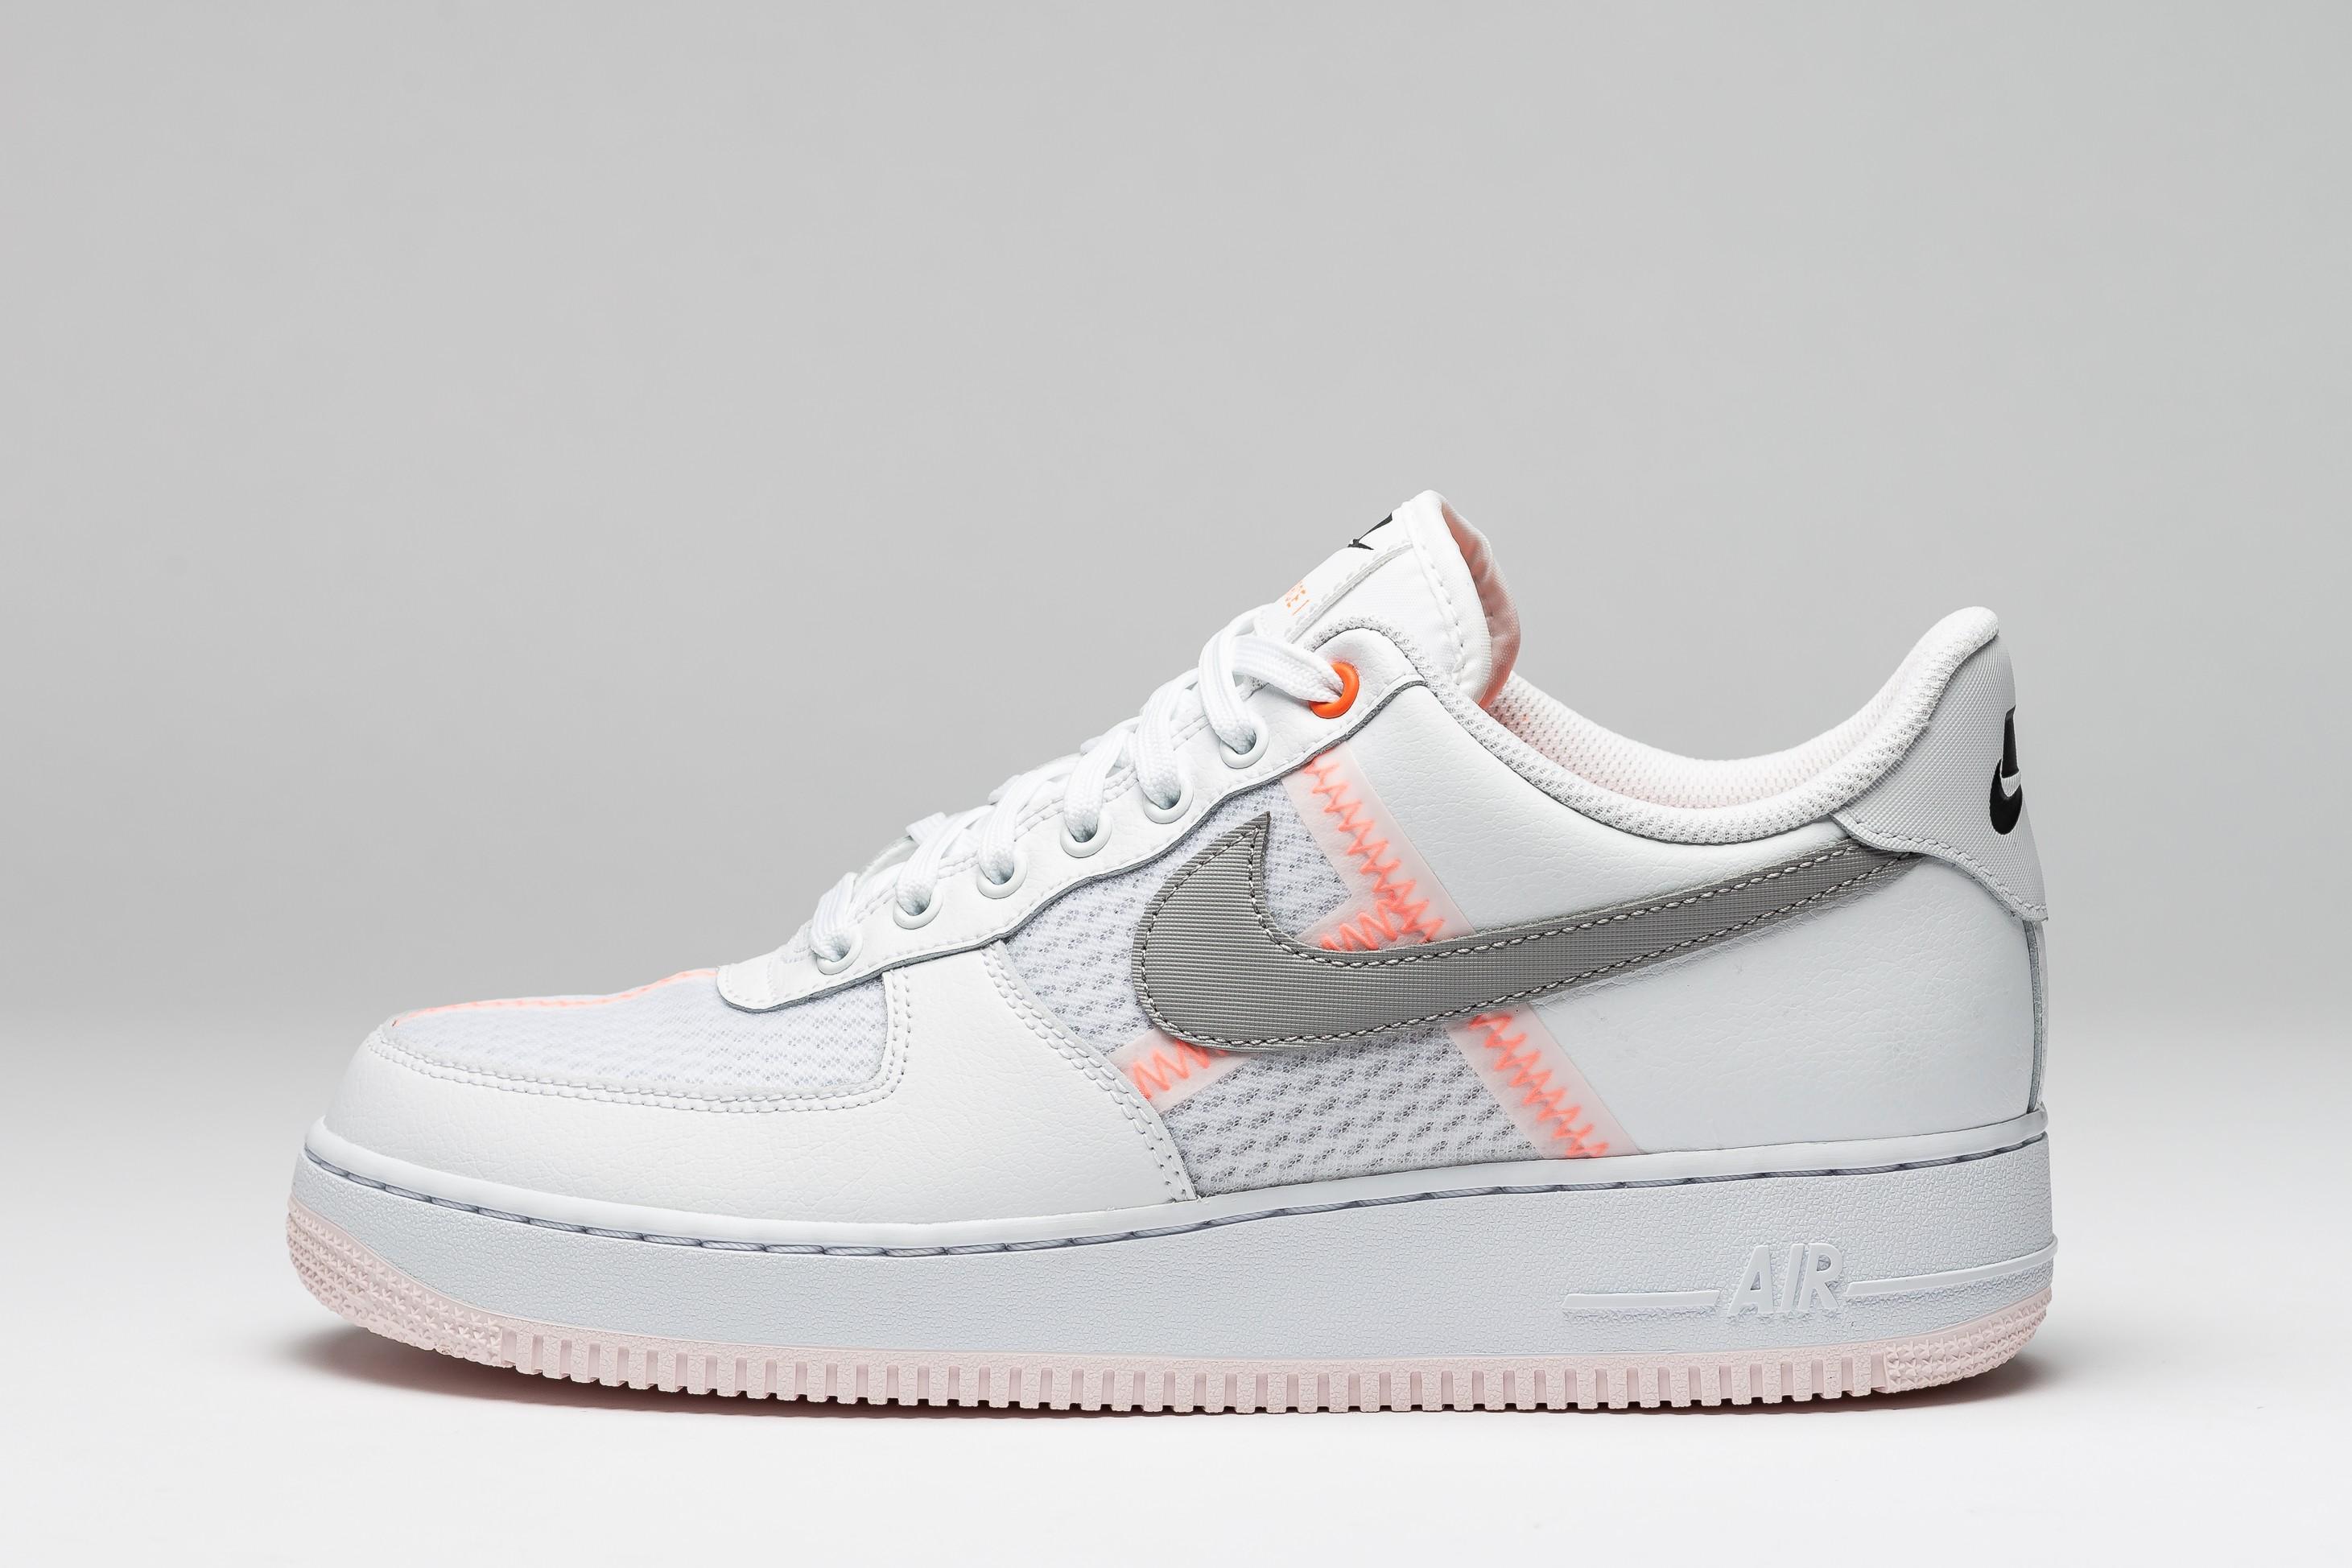 Sneakers Femei Air Force 1 Flyknit 2.0 GS